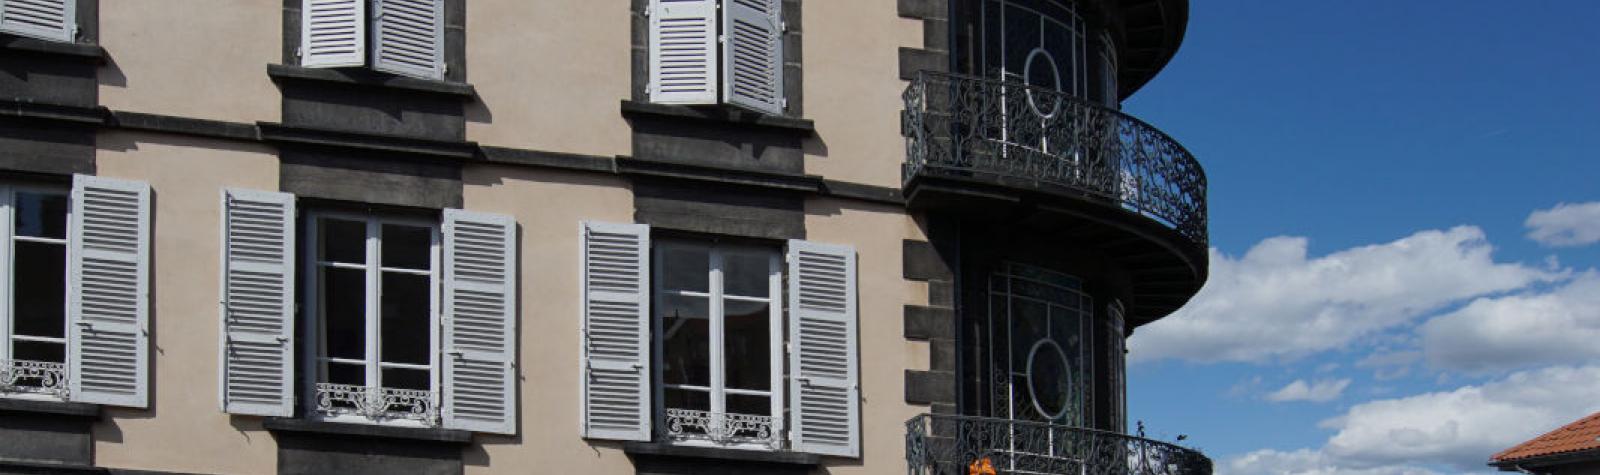 © Immeuble à tourelle de la Cité Vaudoit